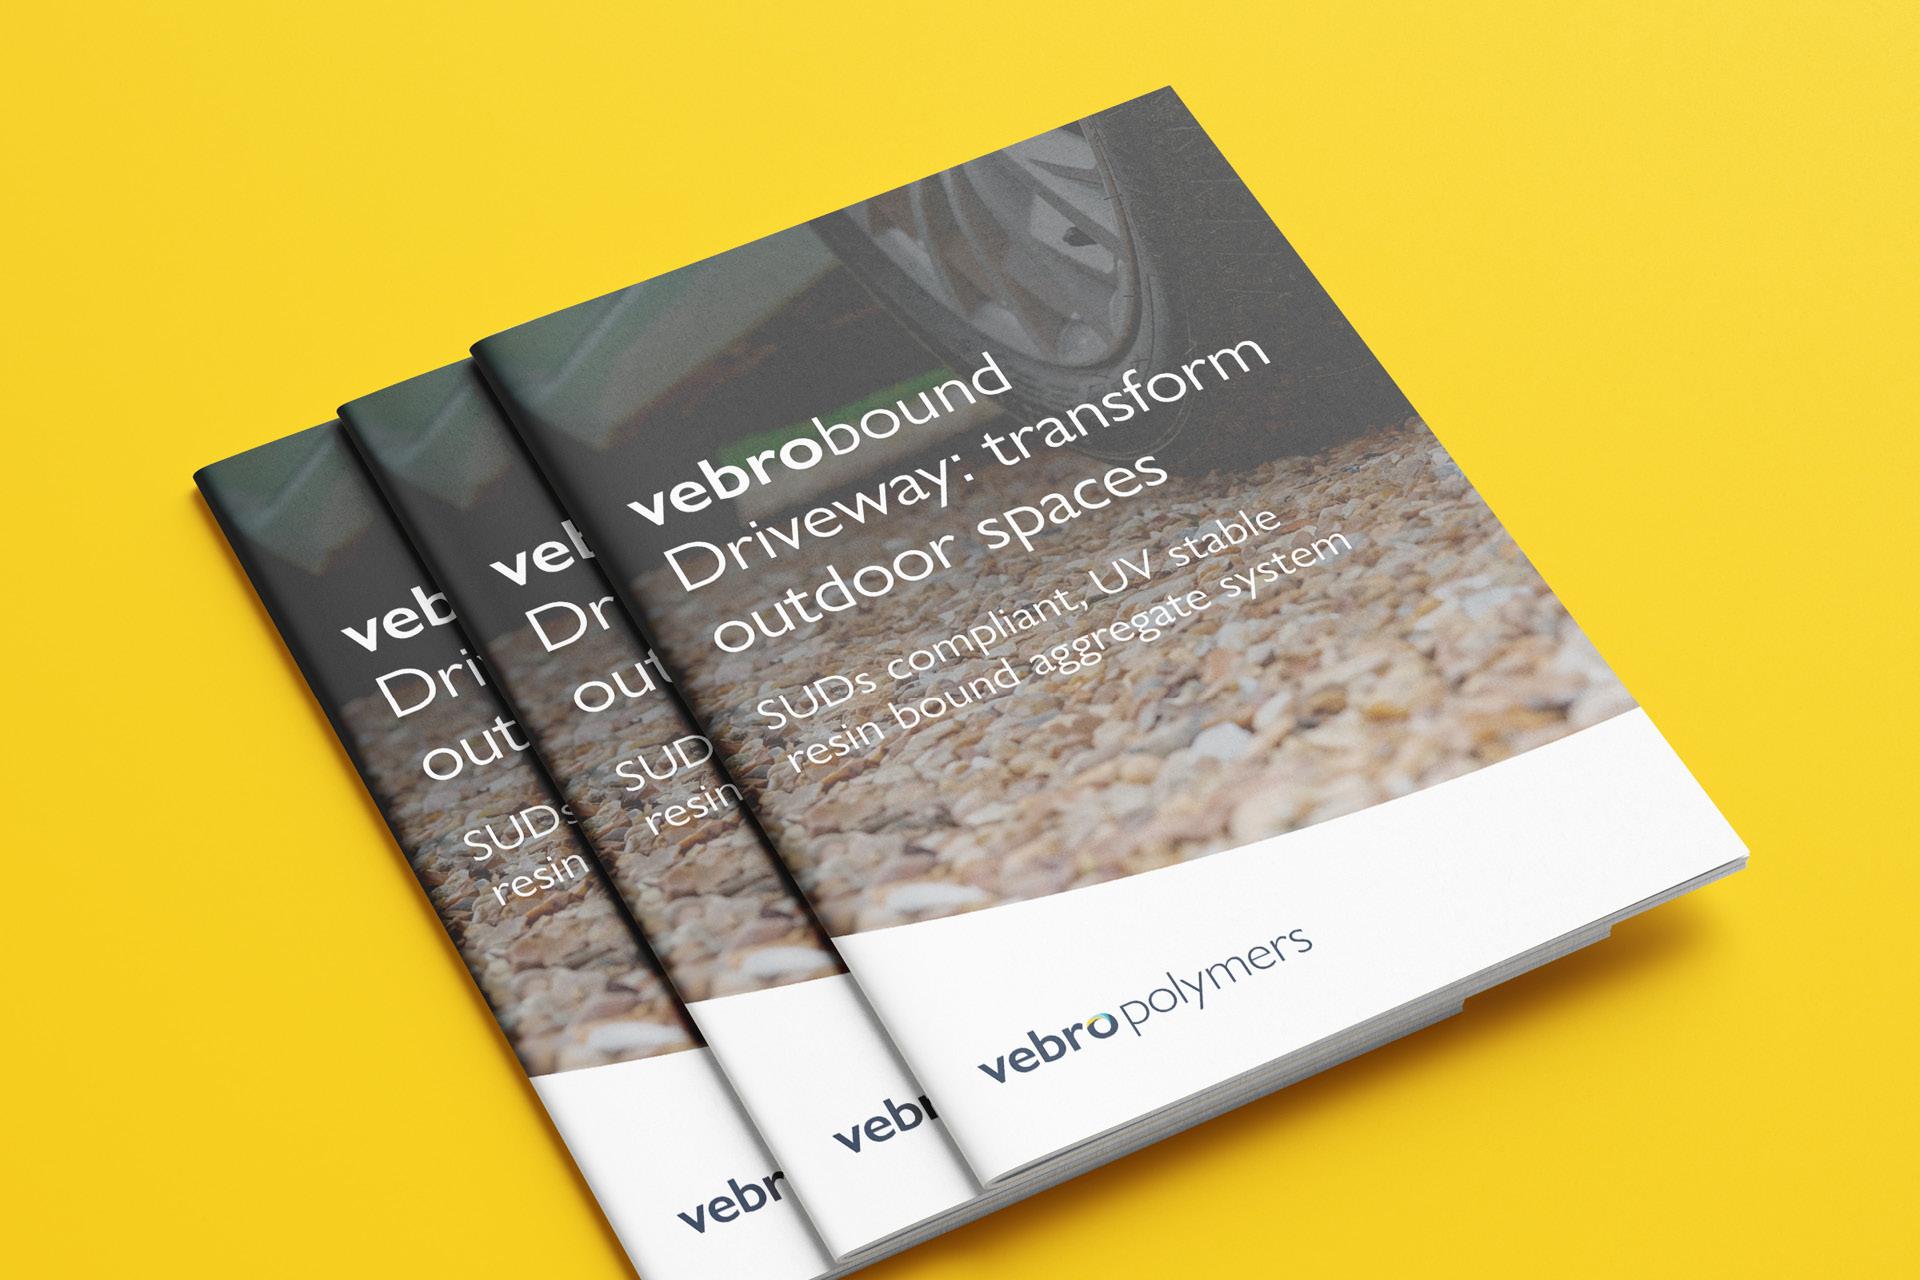 vebrobound Driveway: Transform Outdoor Spaces Guide